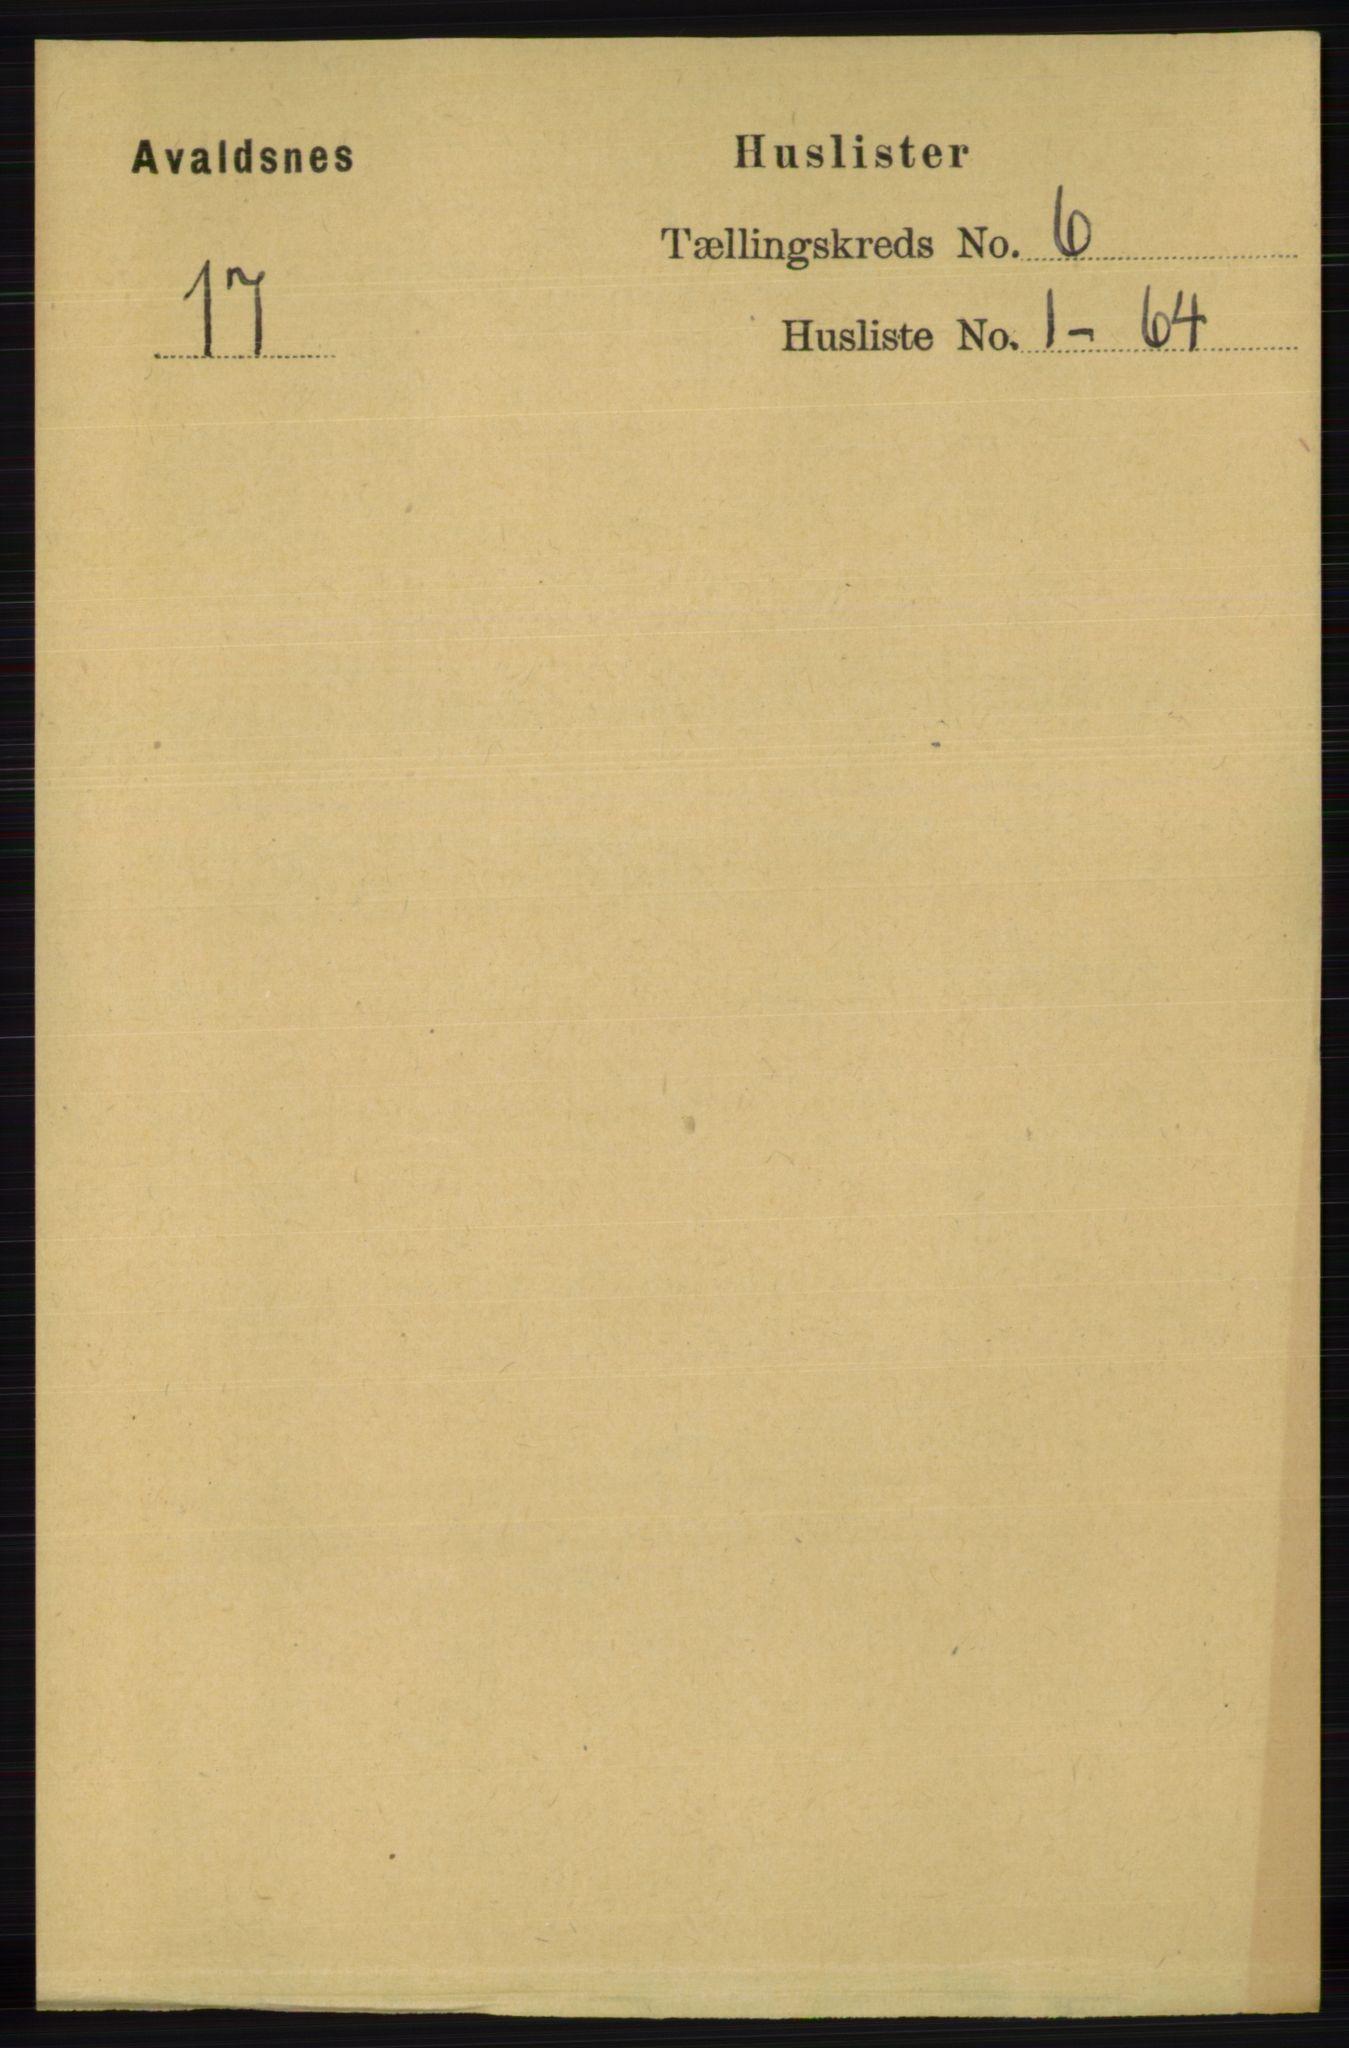 RA, Folketelling 1891 for 1147 Avaldsnes herred, 1891, s. 3168